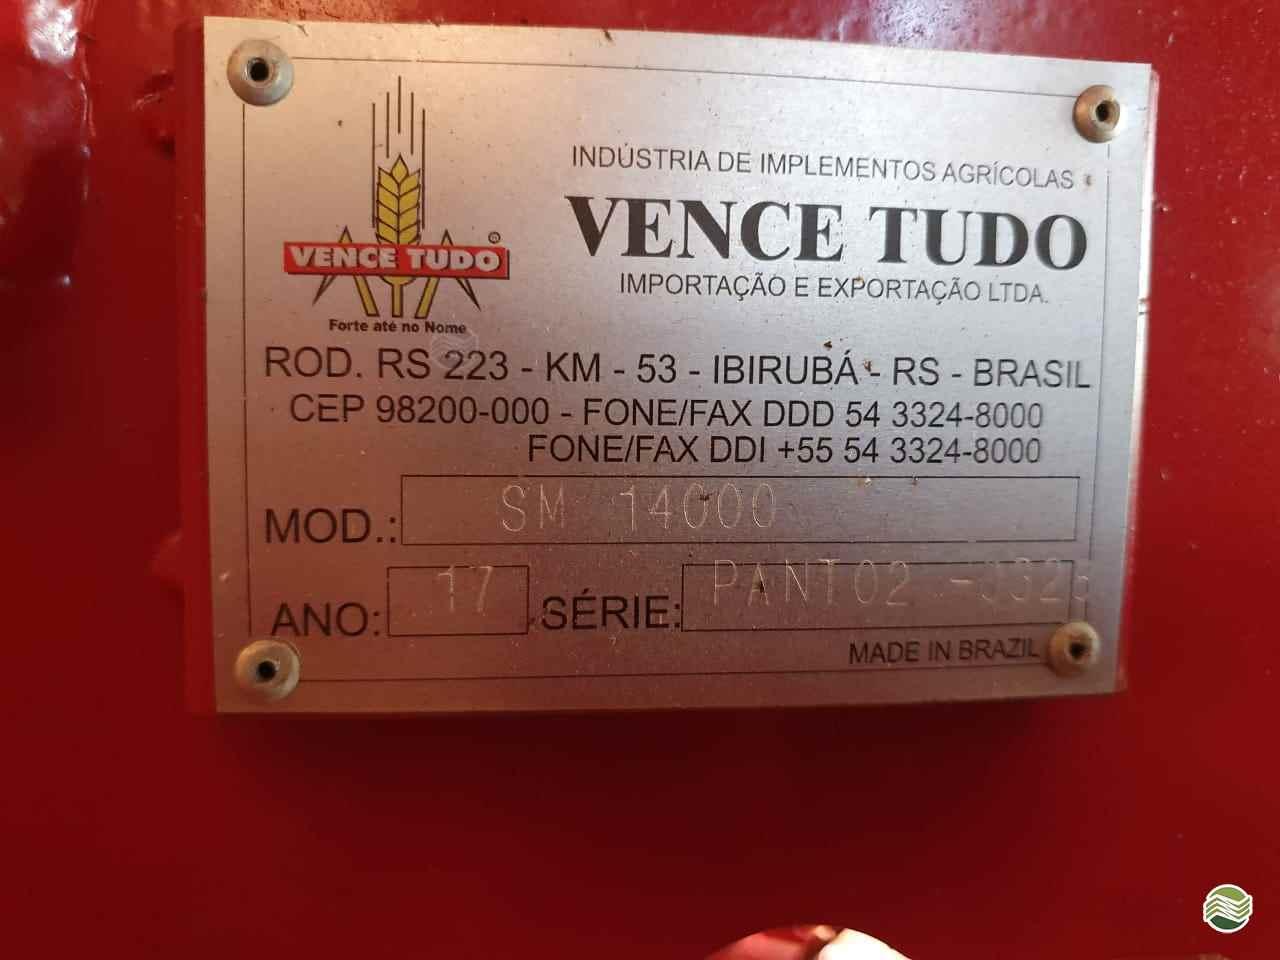 VENCE TUDO PANTHER SM 14000  2017/2017 Visão Agrícola